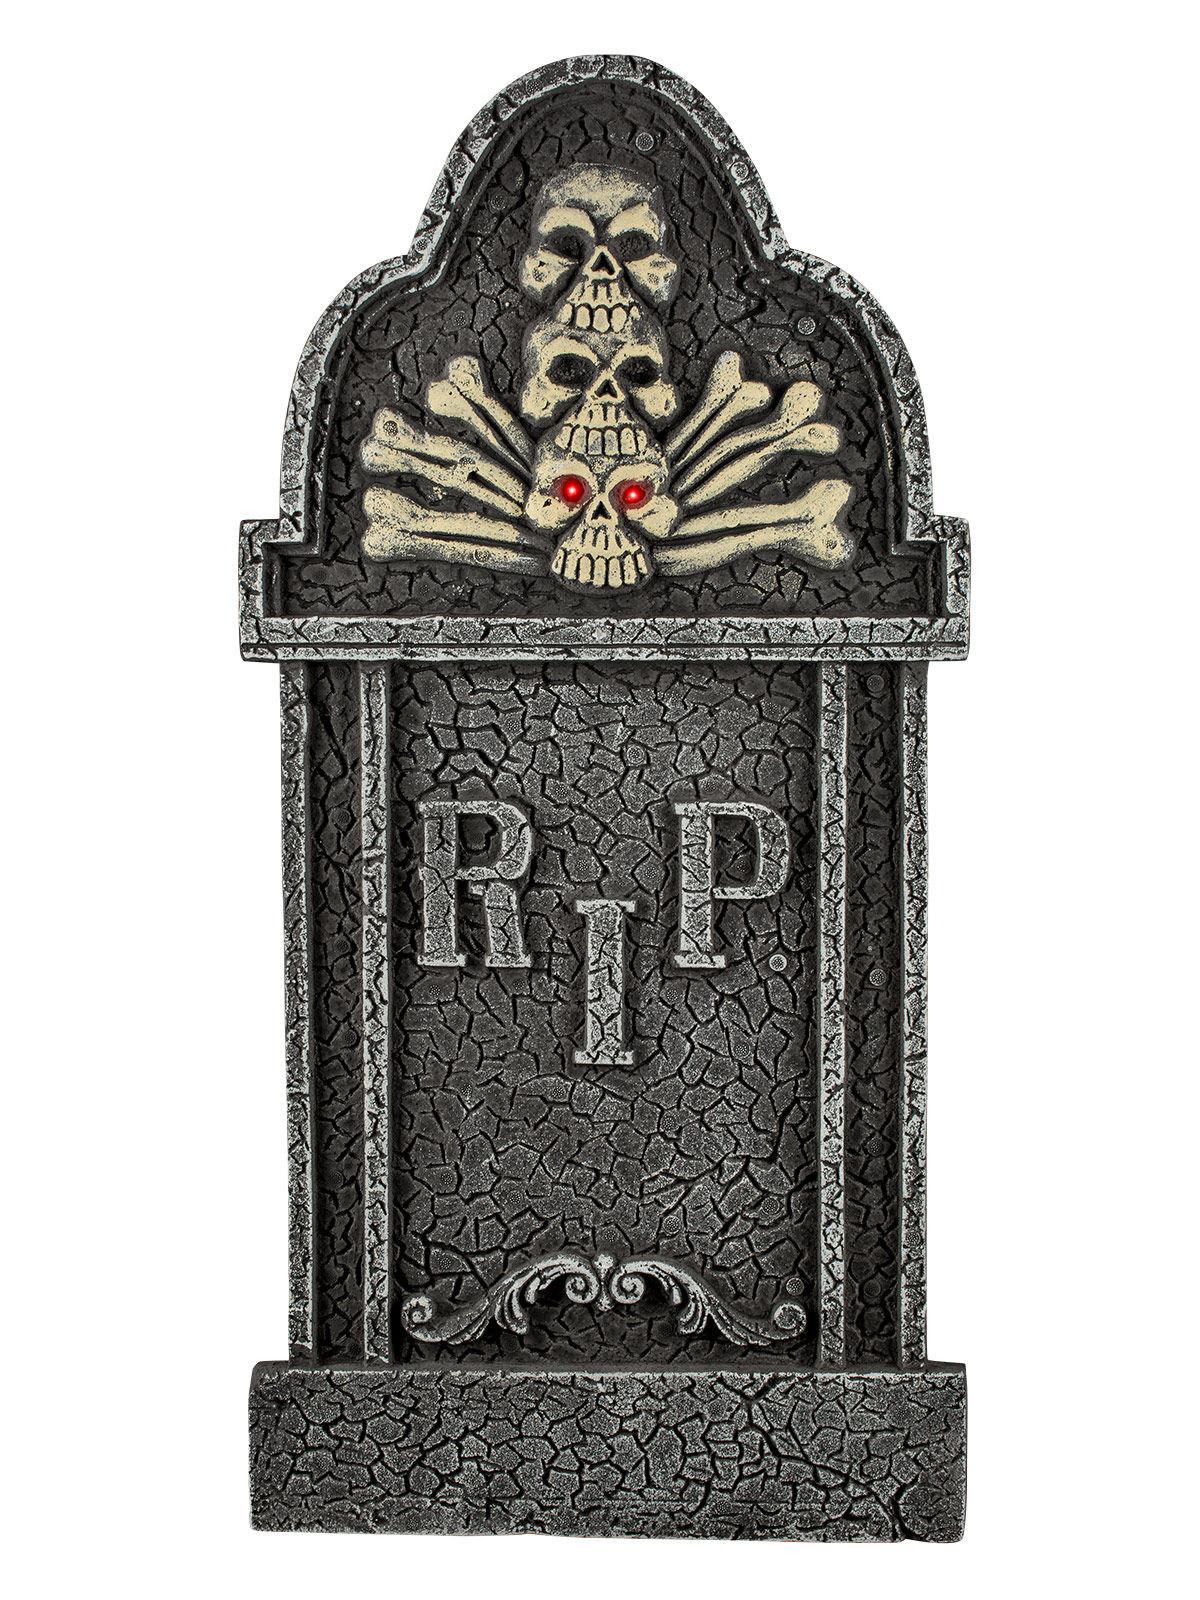 grabstein skelett mit leuchtaugen halloween deko 90cm grau. Black Bedroom Furniture Sets. Home Design Ideas